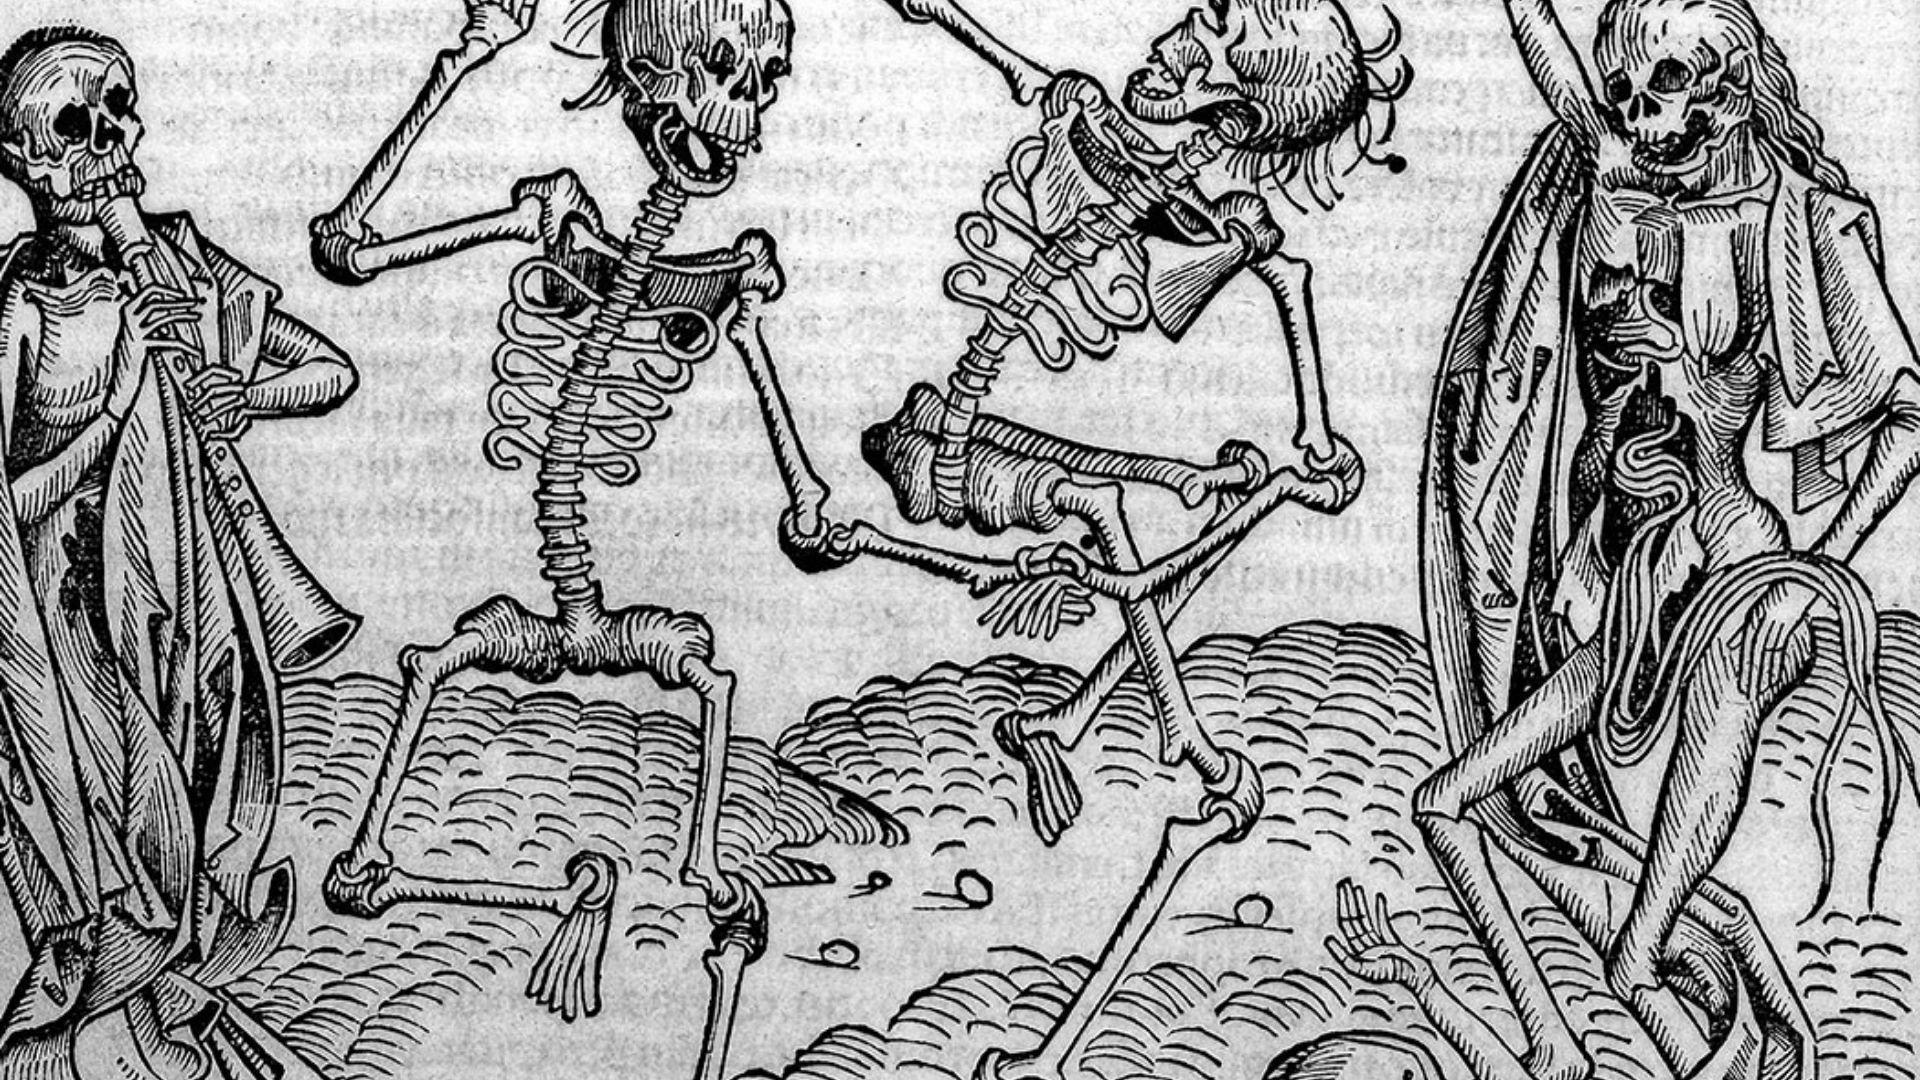 Sudor inglés. Años 1485-1552. Afectó a Inglaterra y se extendió a centro Europa en 1529. Posible continuidad en los siglos XVIII-XIX como Sudores de Picardía.Se desconoce su origen.